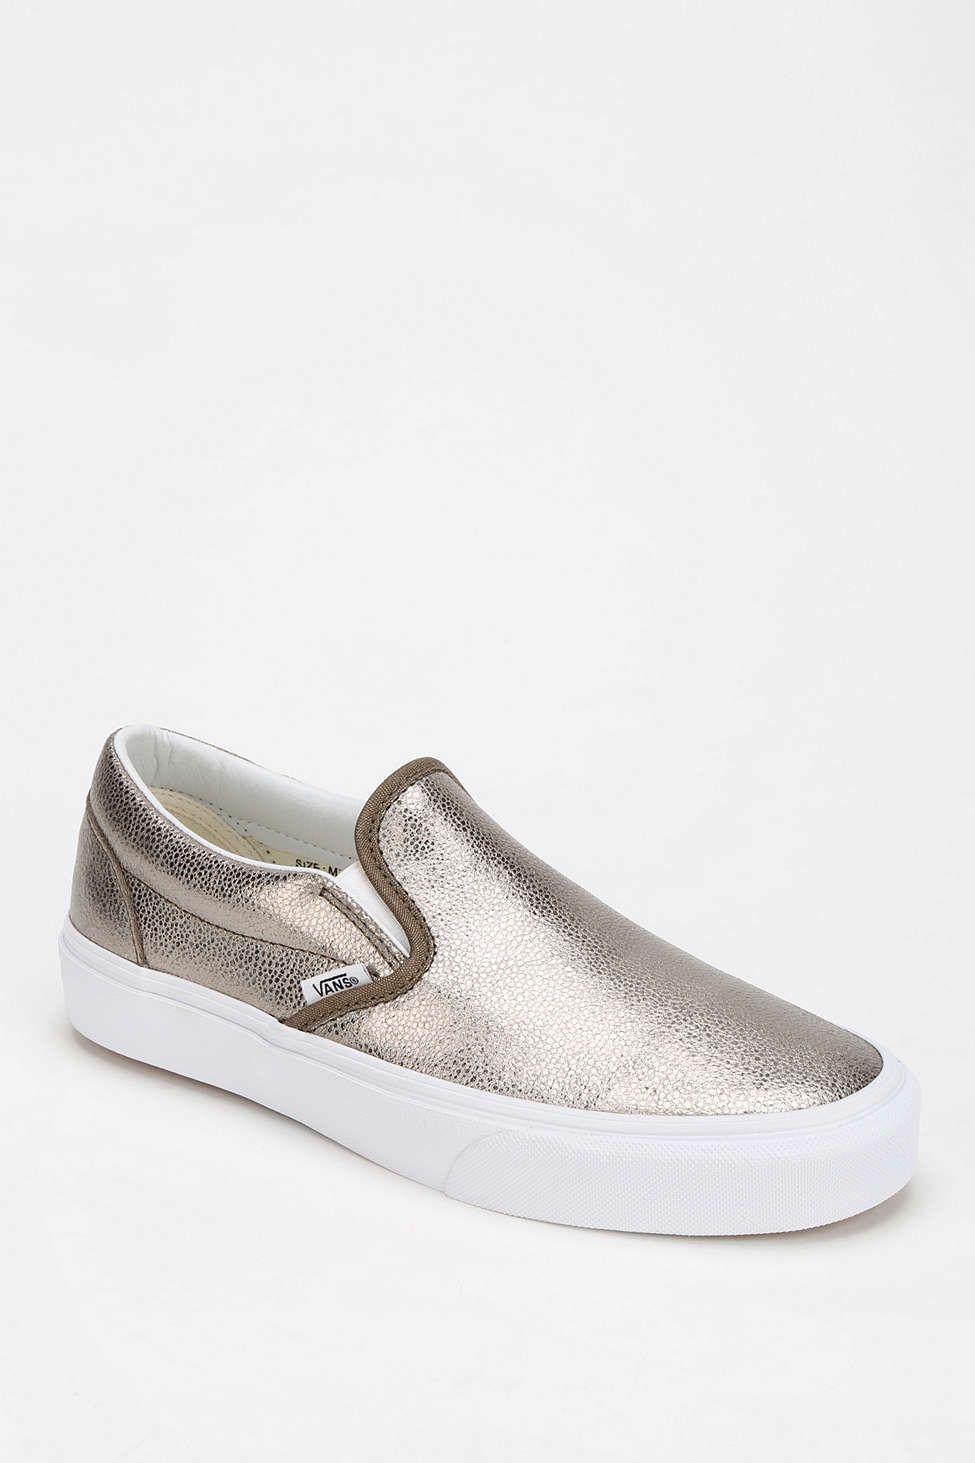 Vans Metallic Slip On Women's Sneaker   Schuhe, Taschen und